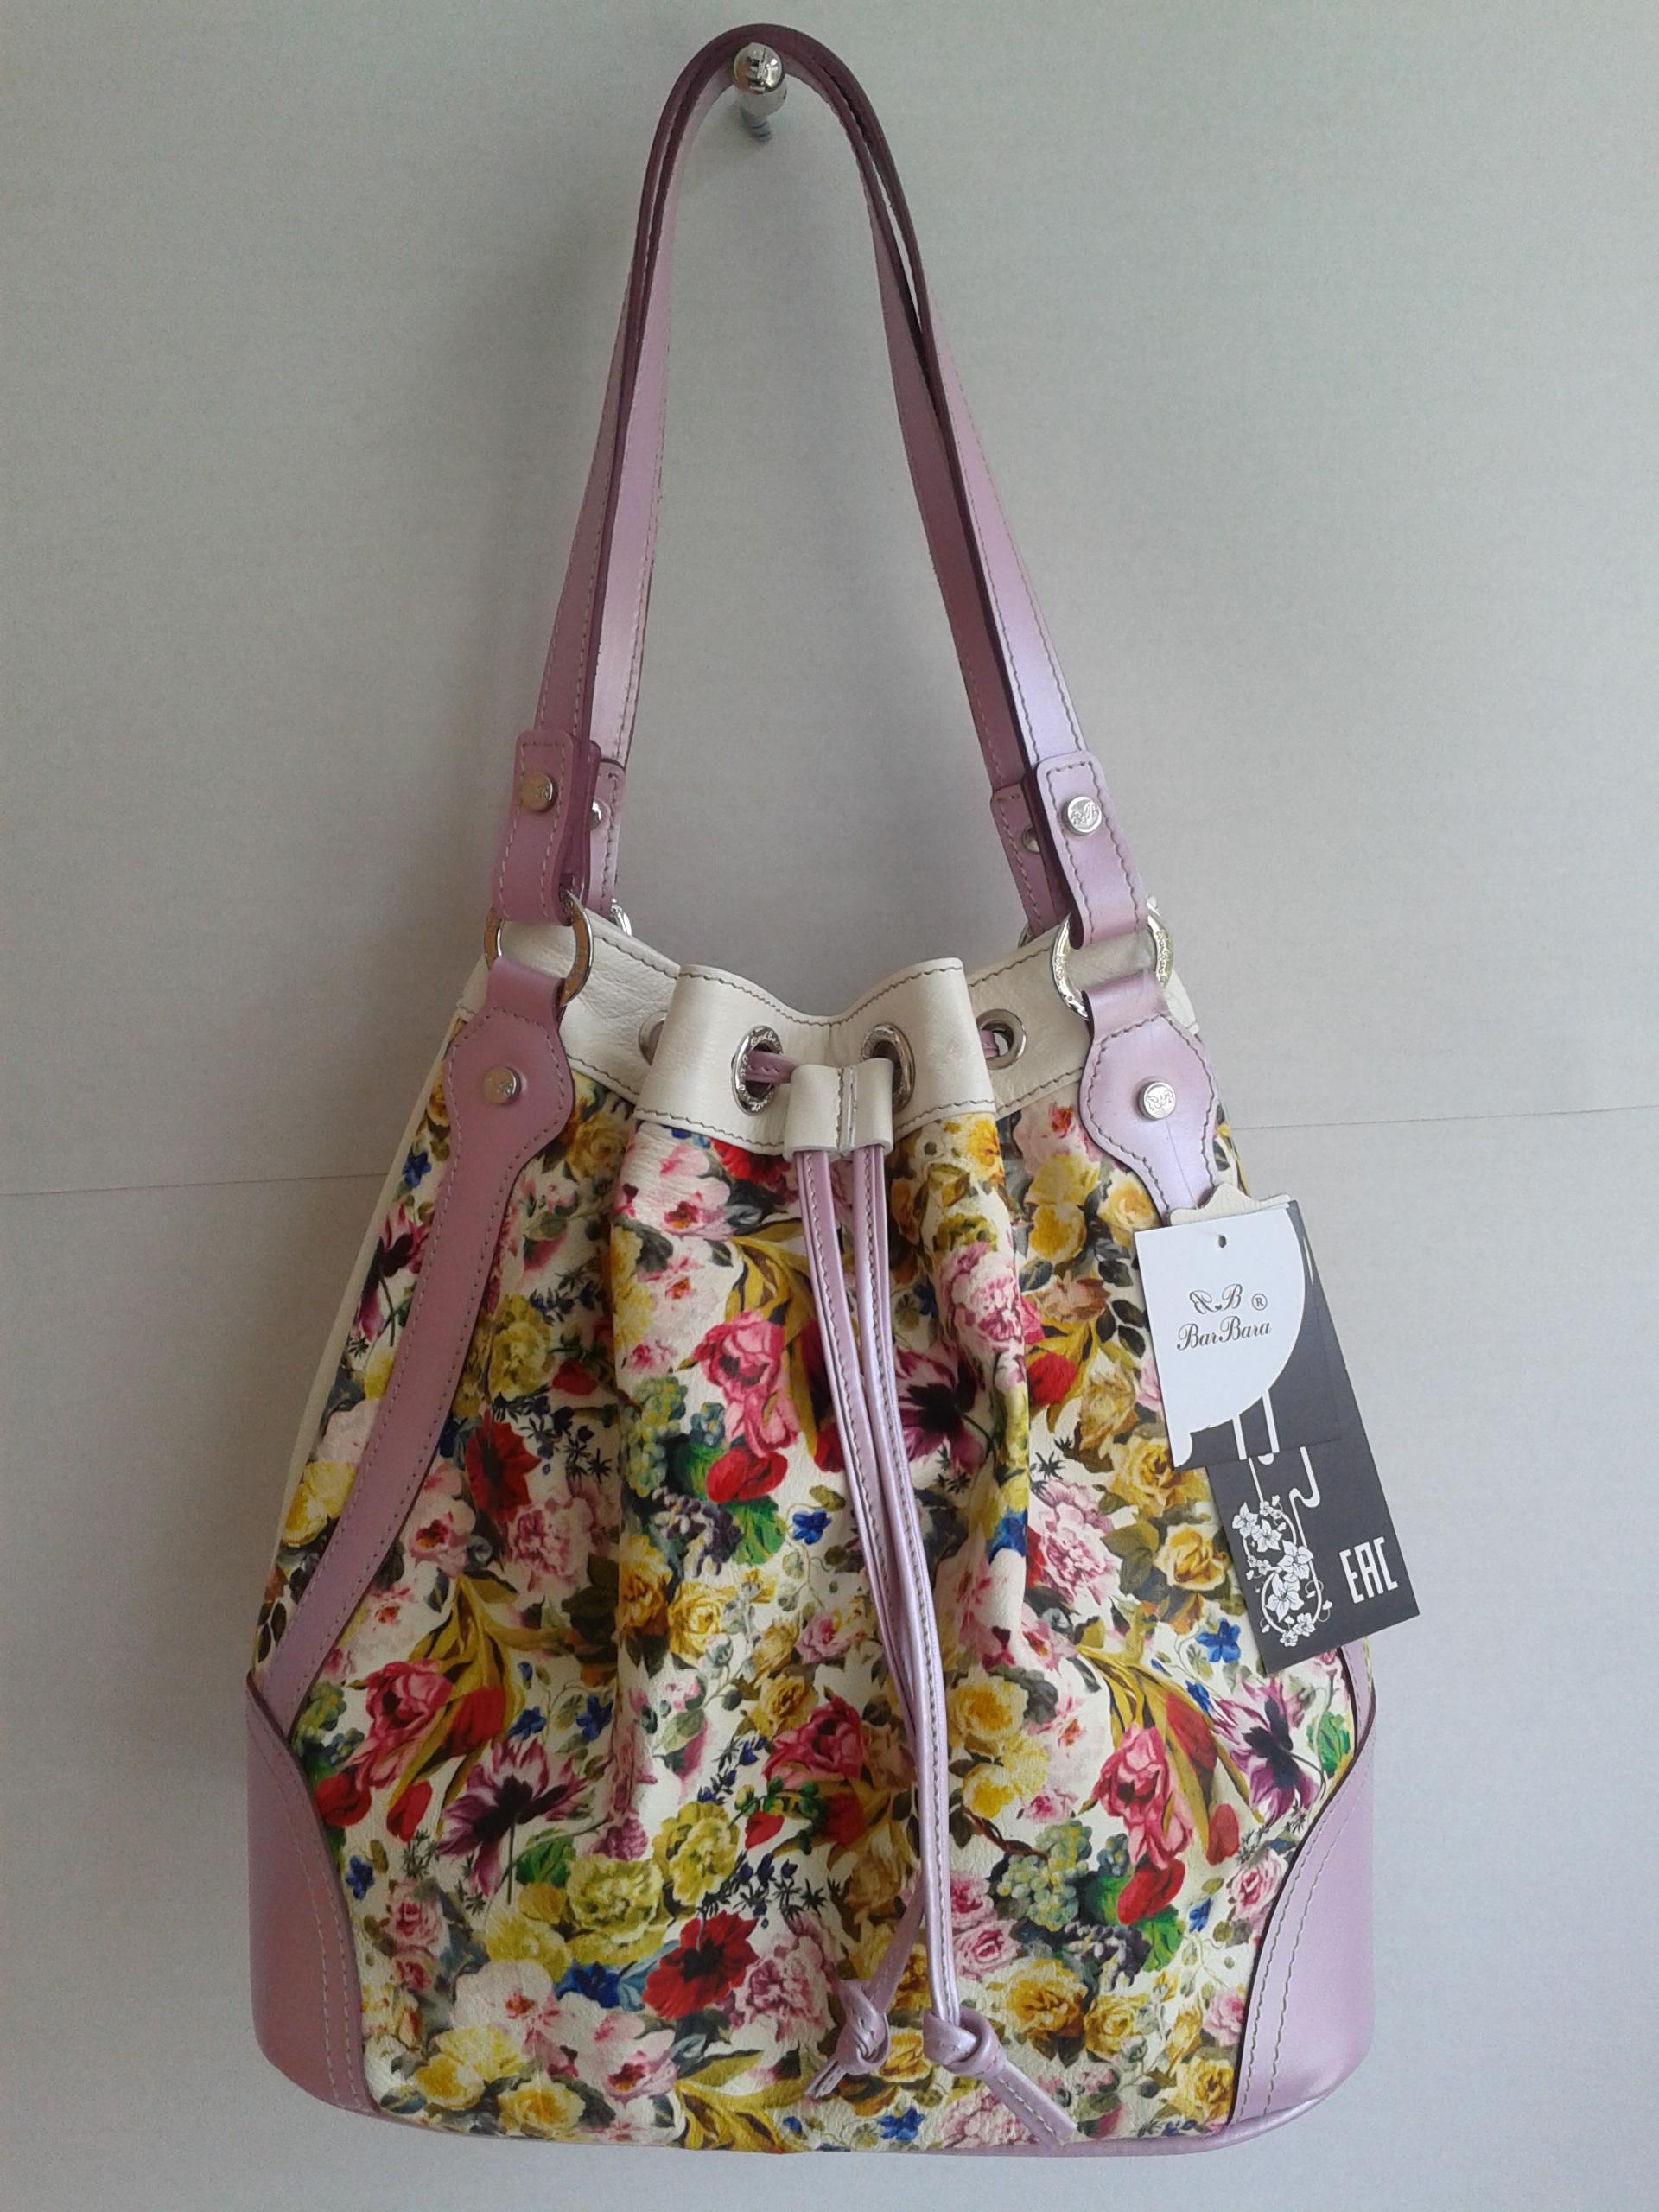 Сбор заказов. - женские, мужские сумки и мелкая кожгалантерея. Все изделия из натуральной кожи по низким ценам.Супер качество и красота!